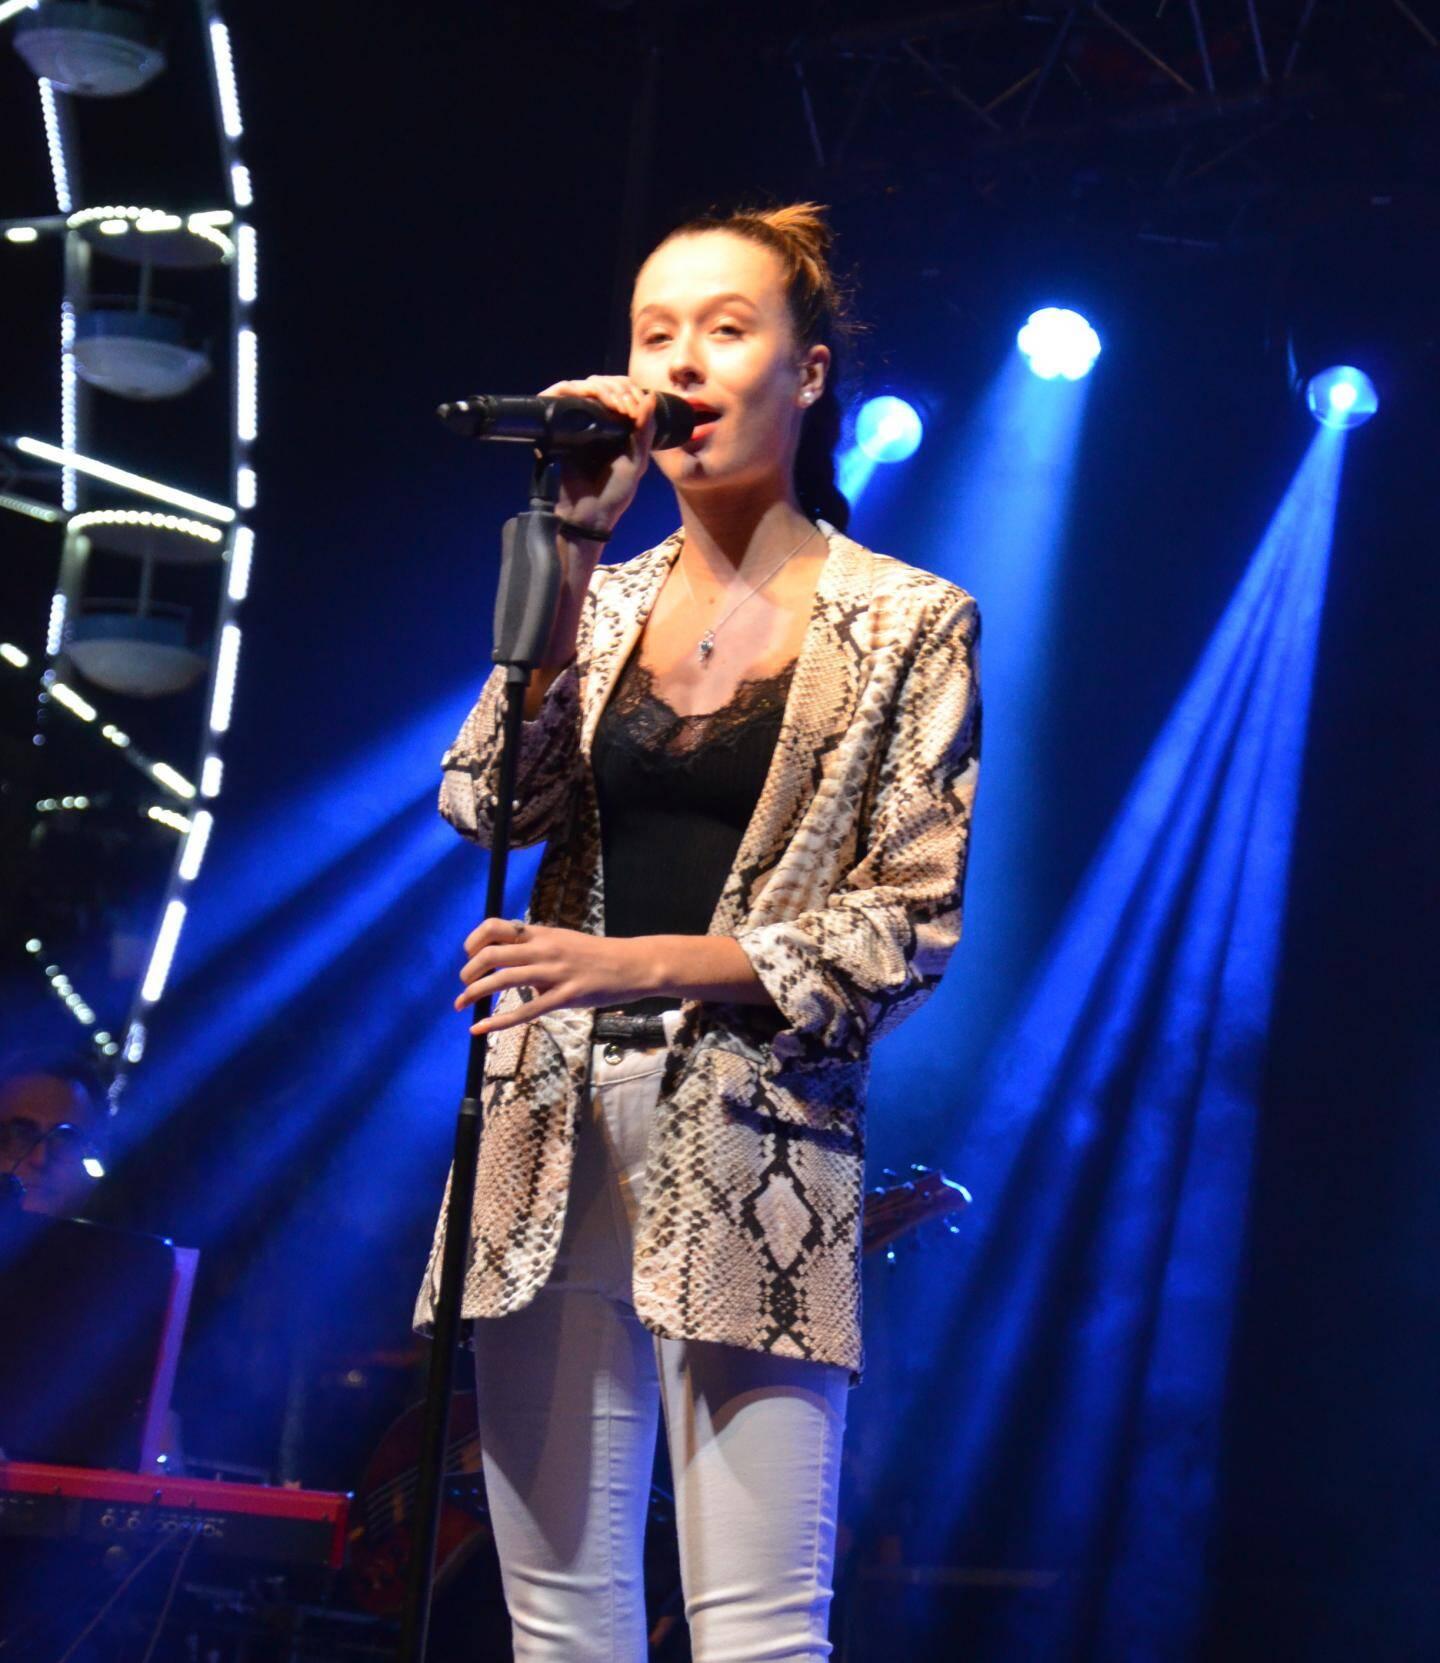 Liane Foly, diva de la tournée Var-Matin.